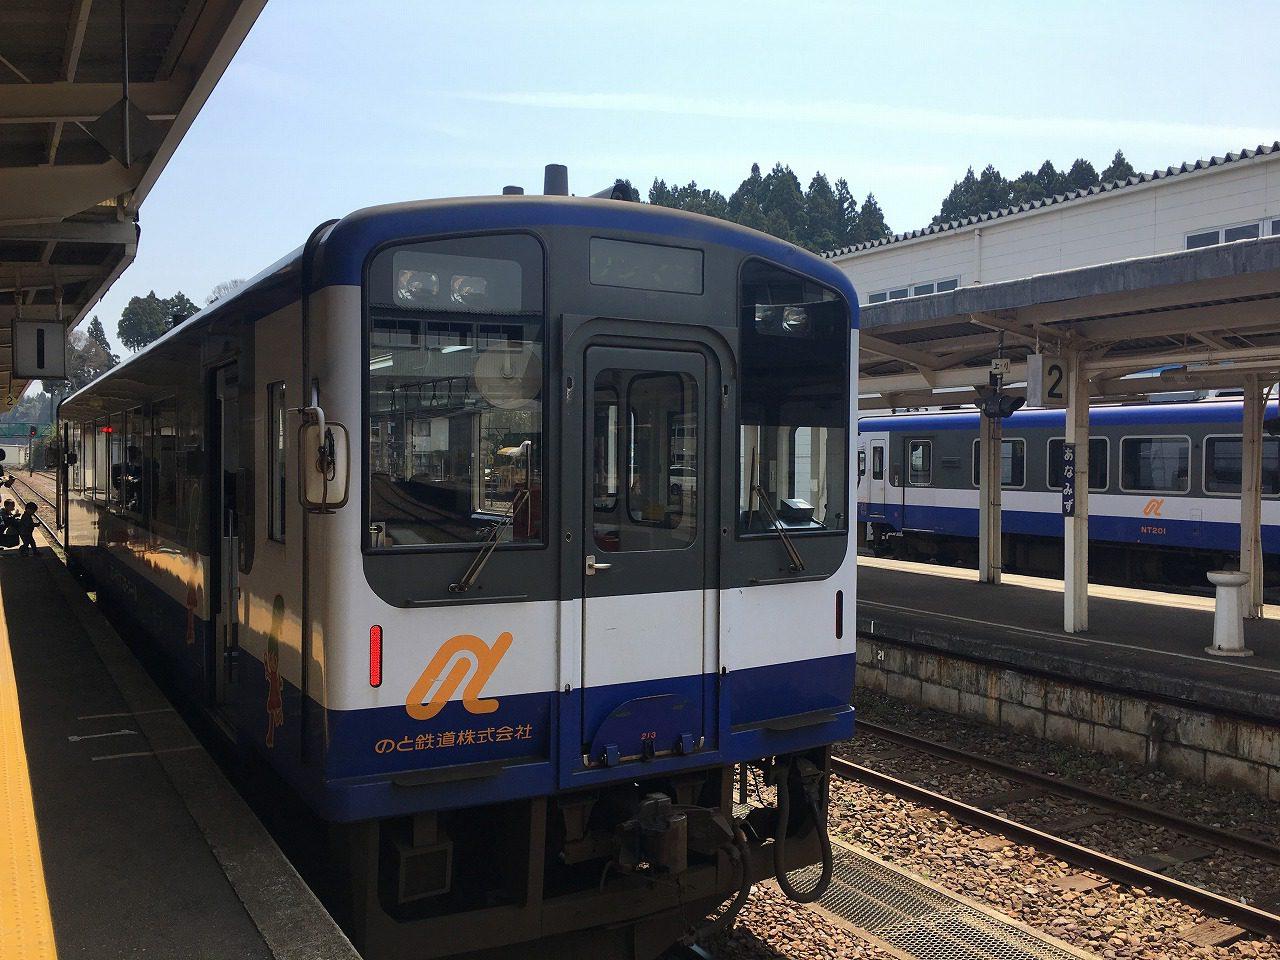 のと七尾線~JR七尾線で金沢駅へのんびり移動